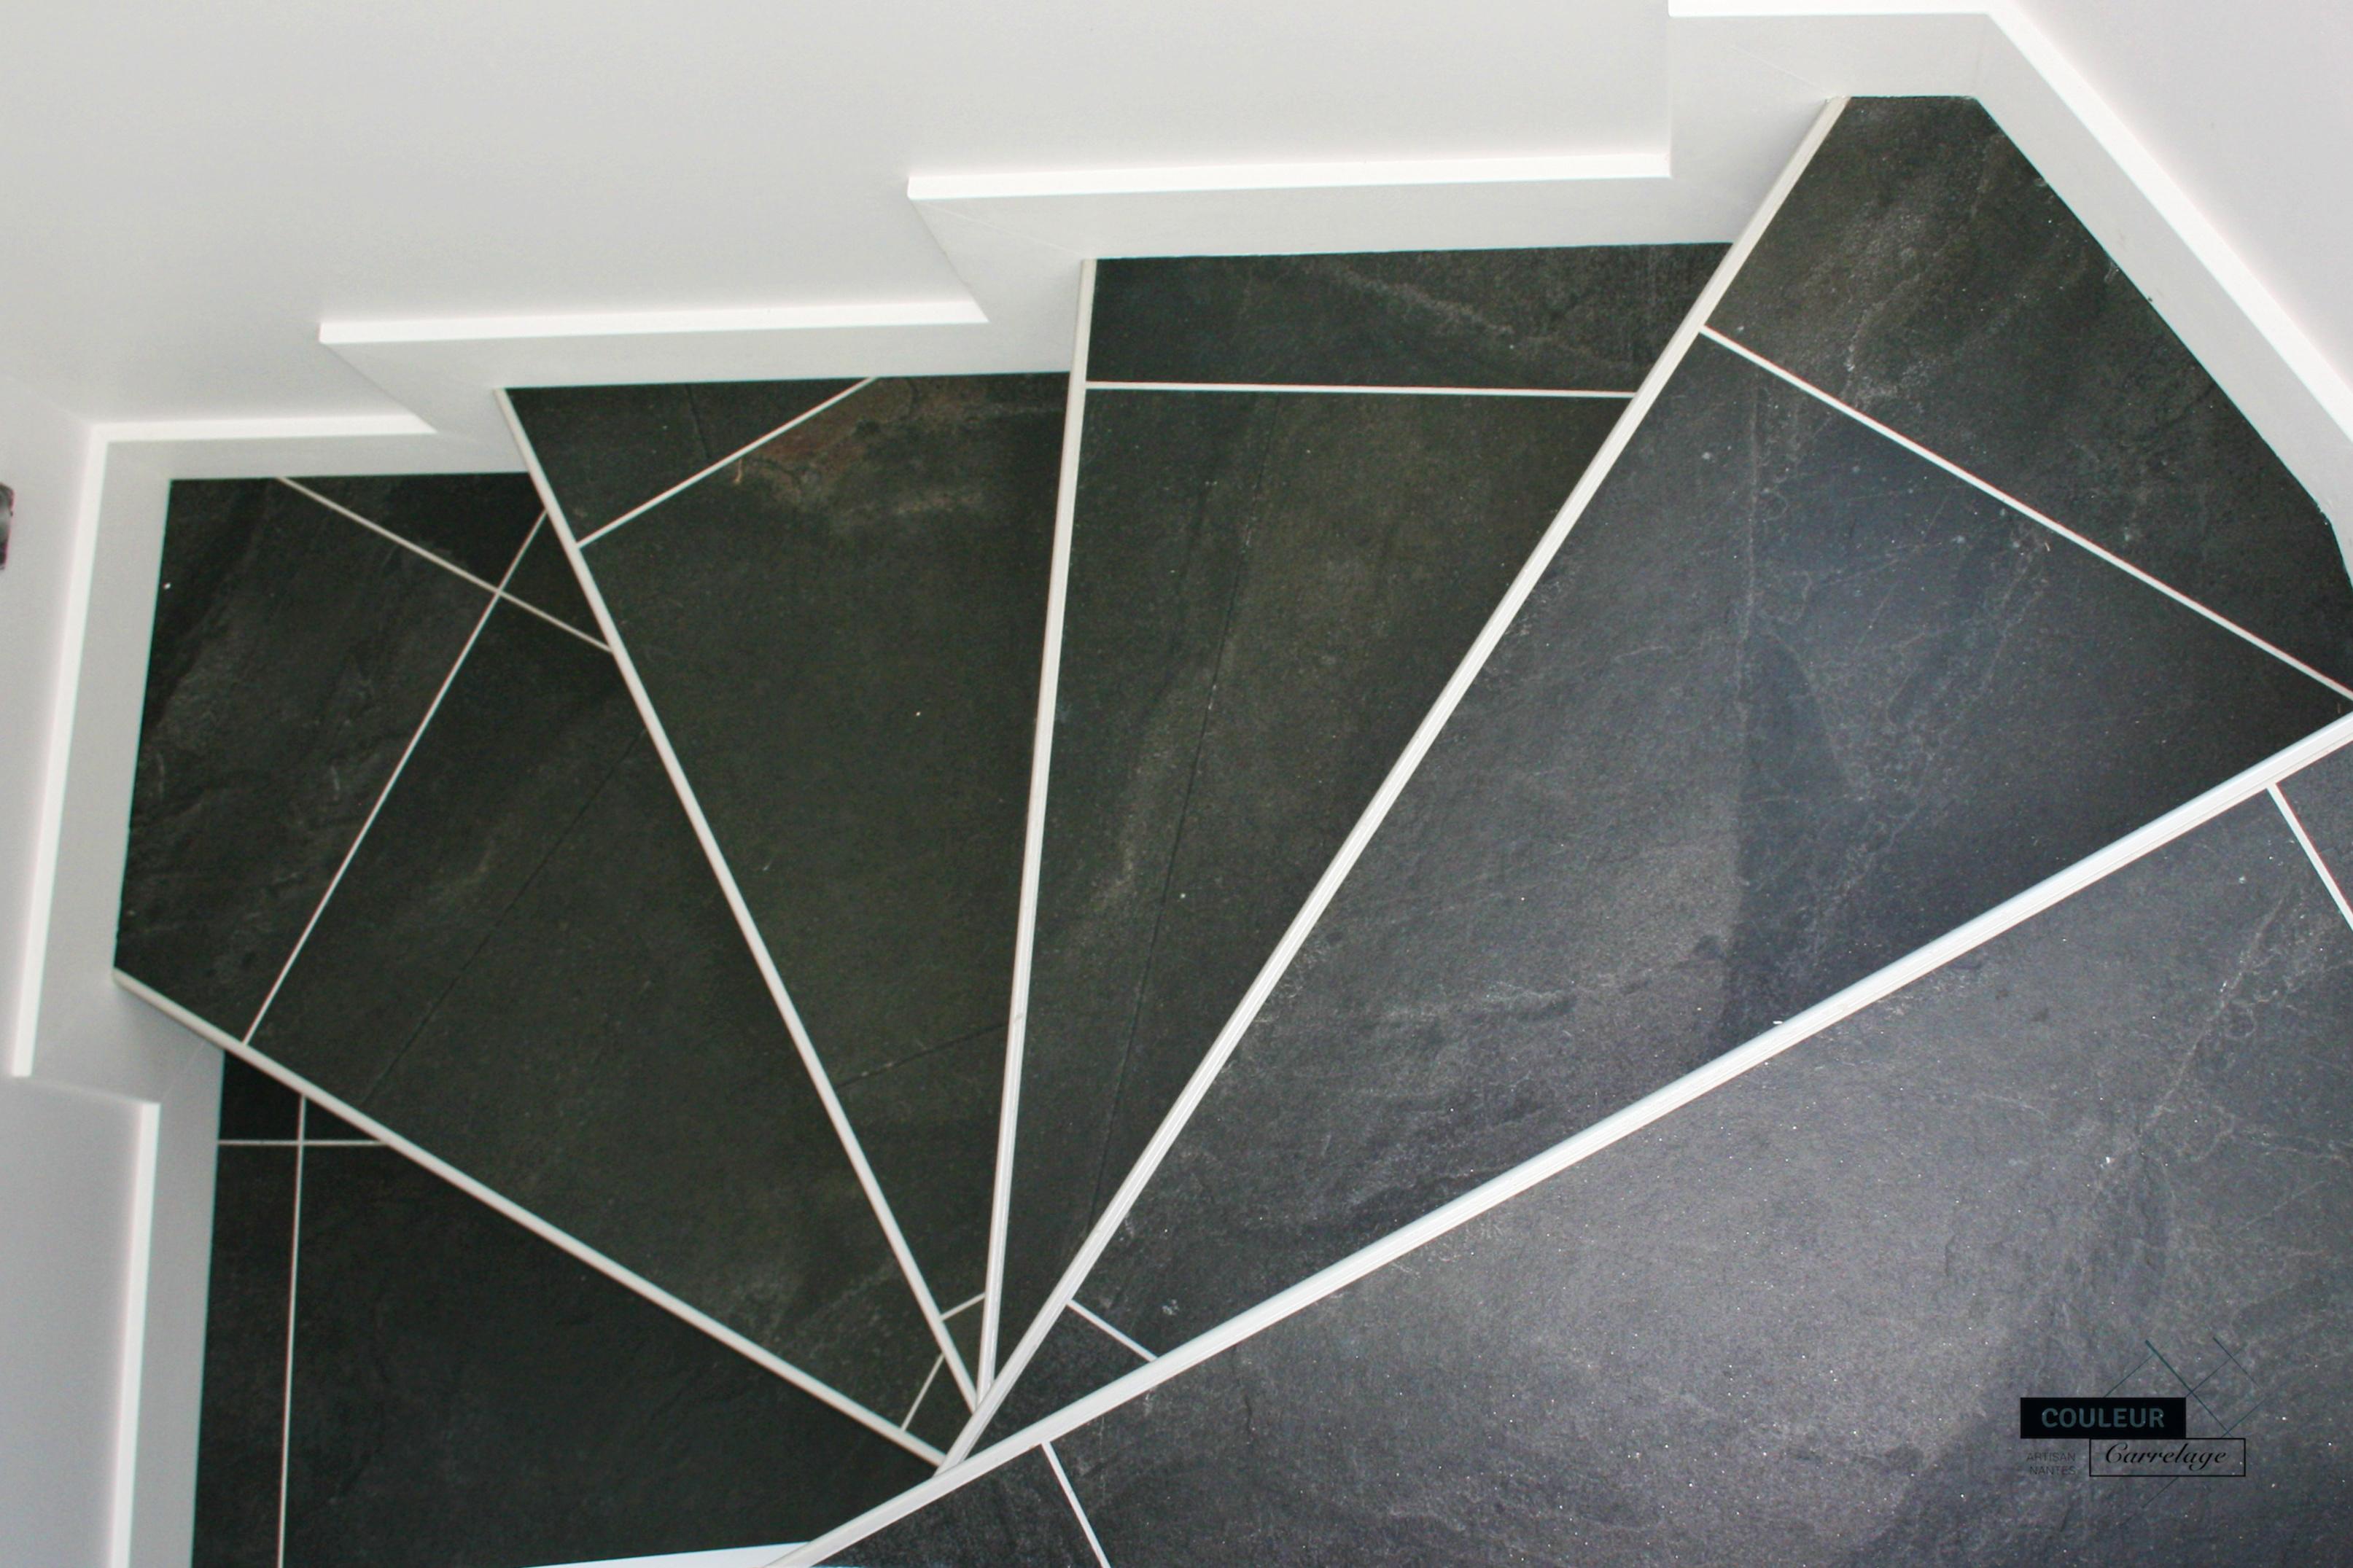 couleur carrelage votre artisan carreleur nantes 44 couleur carrelage nantes. Black Bedroom Furniture Sets. Home Design Ideas